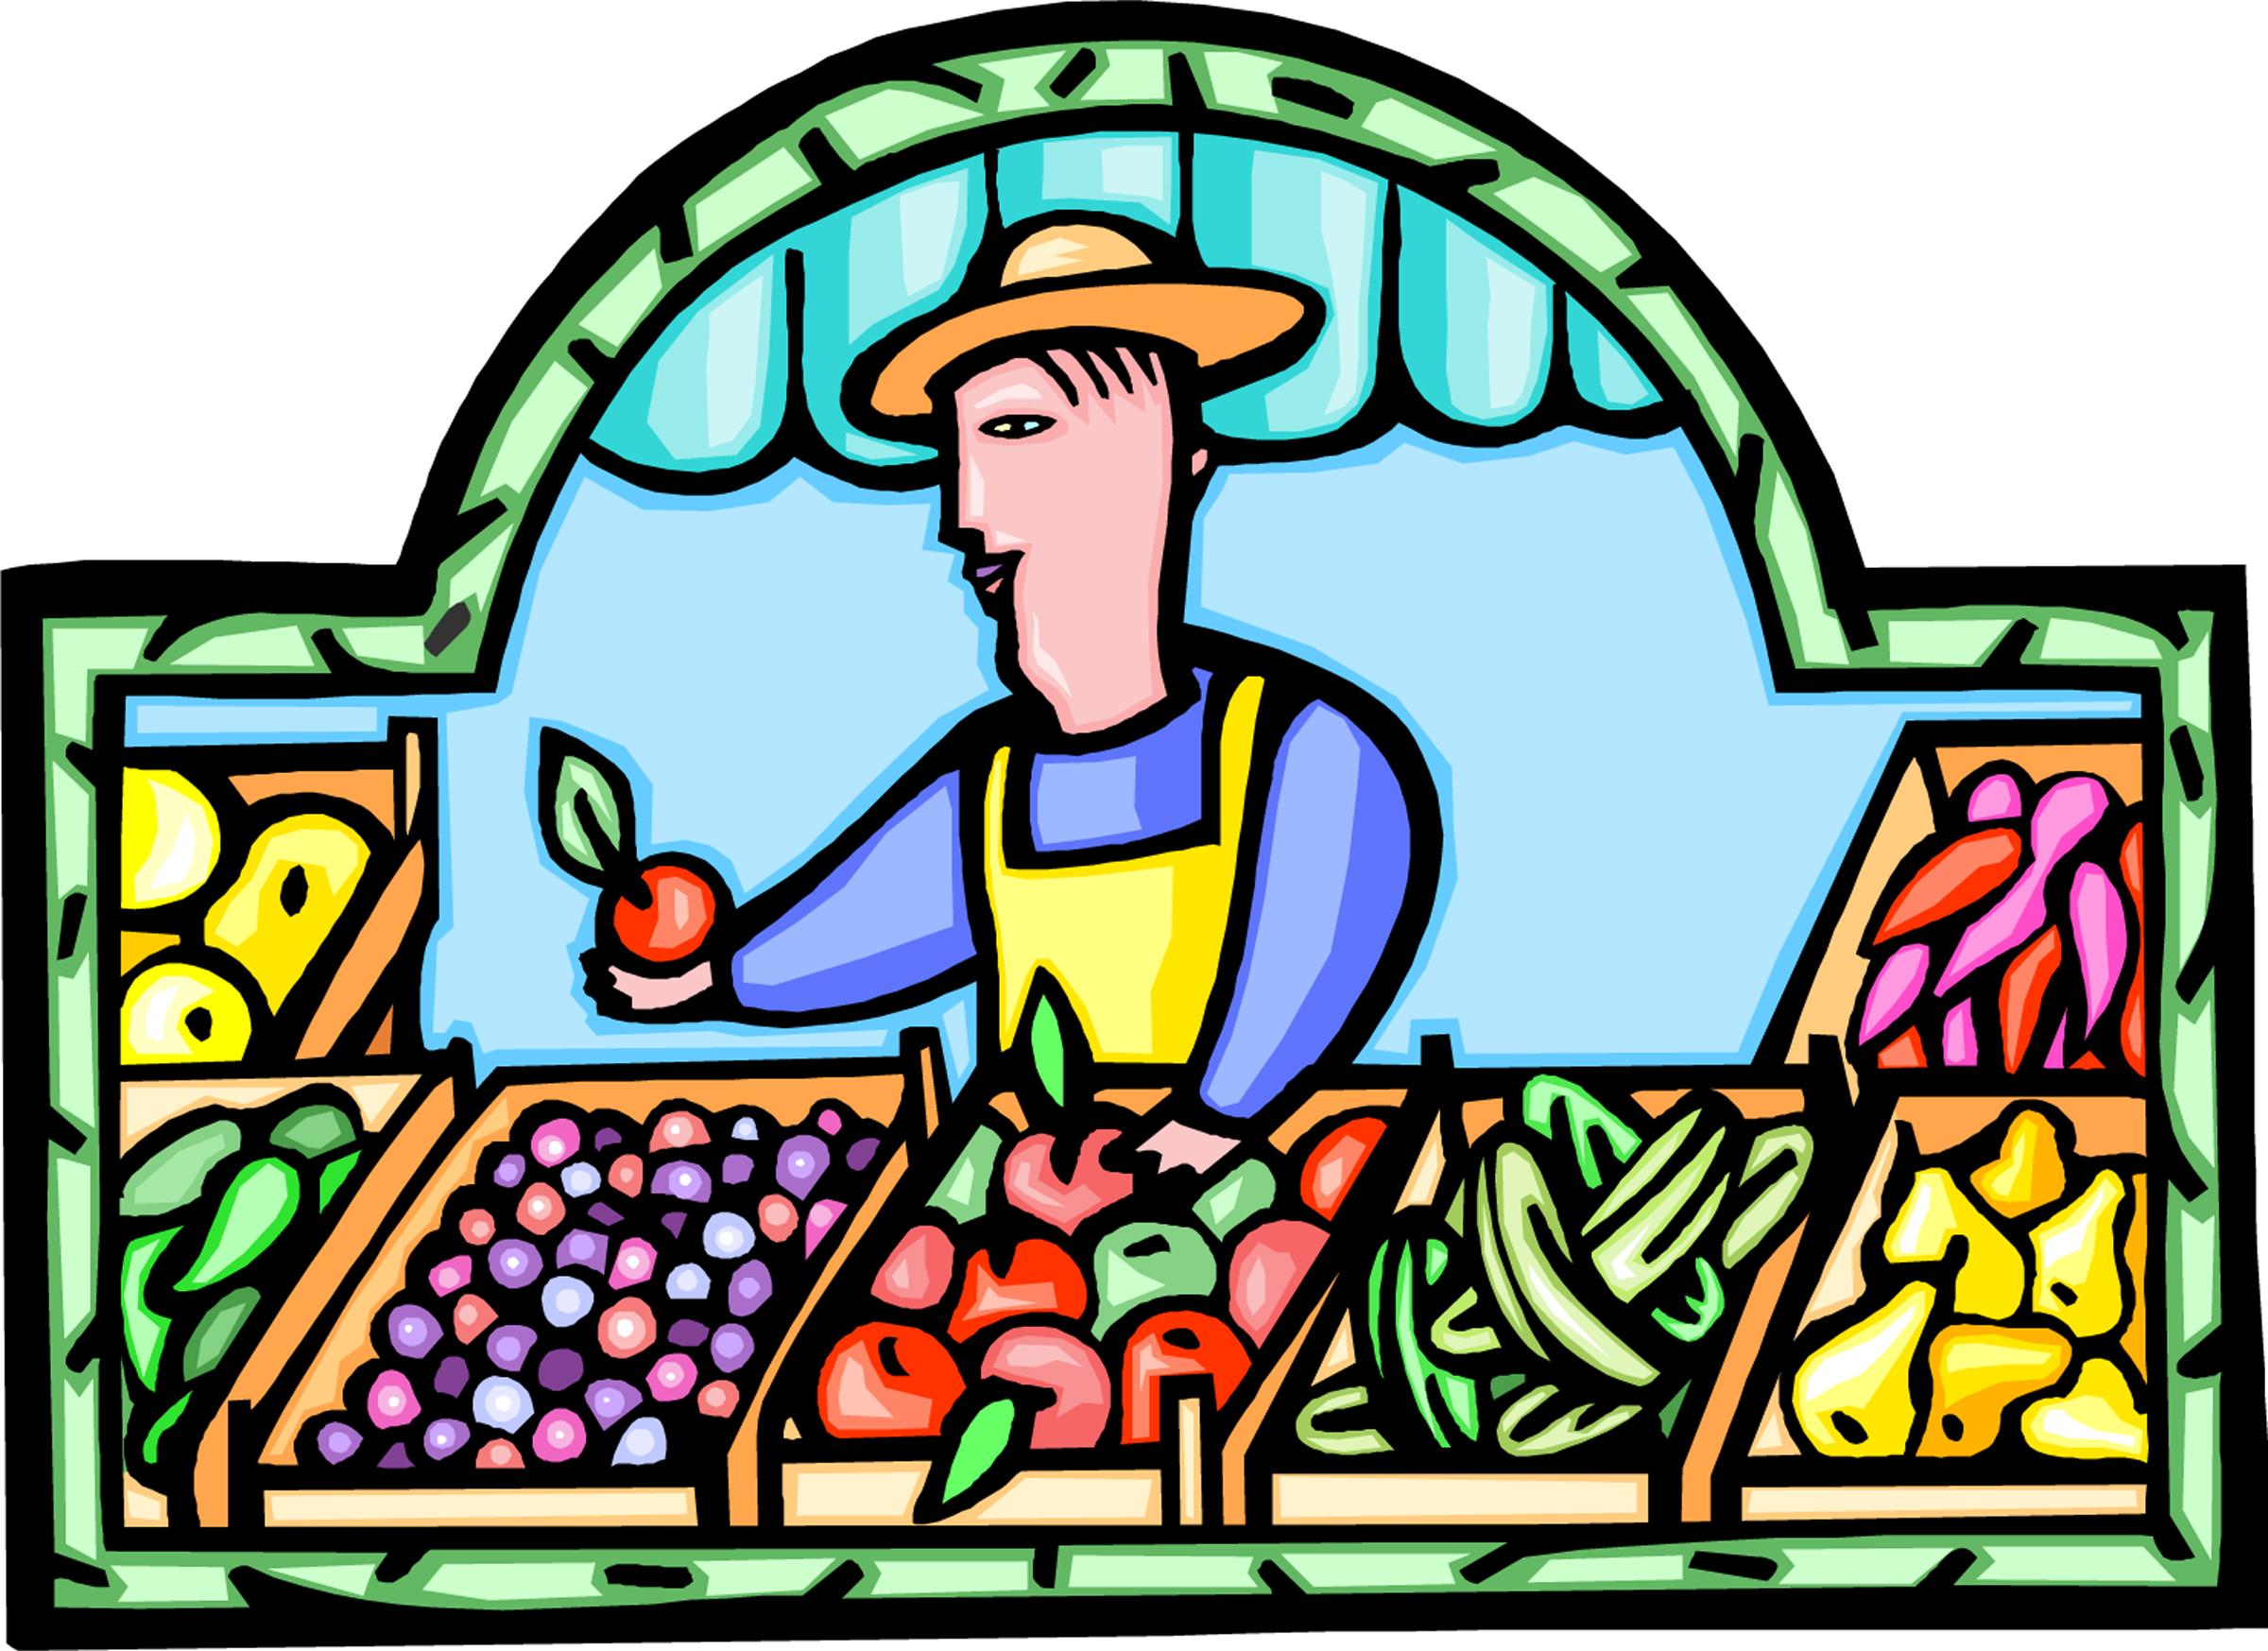 Places clipart vegetable market #10